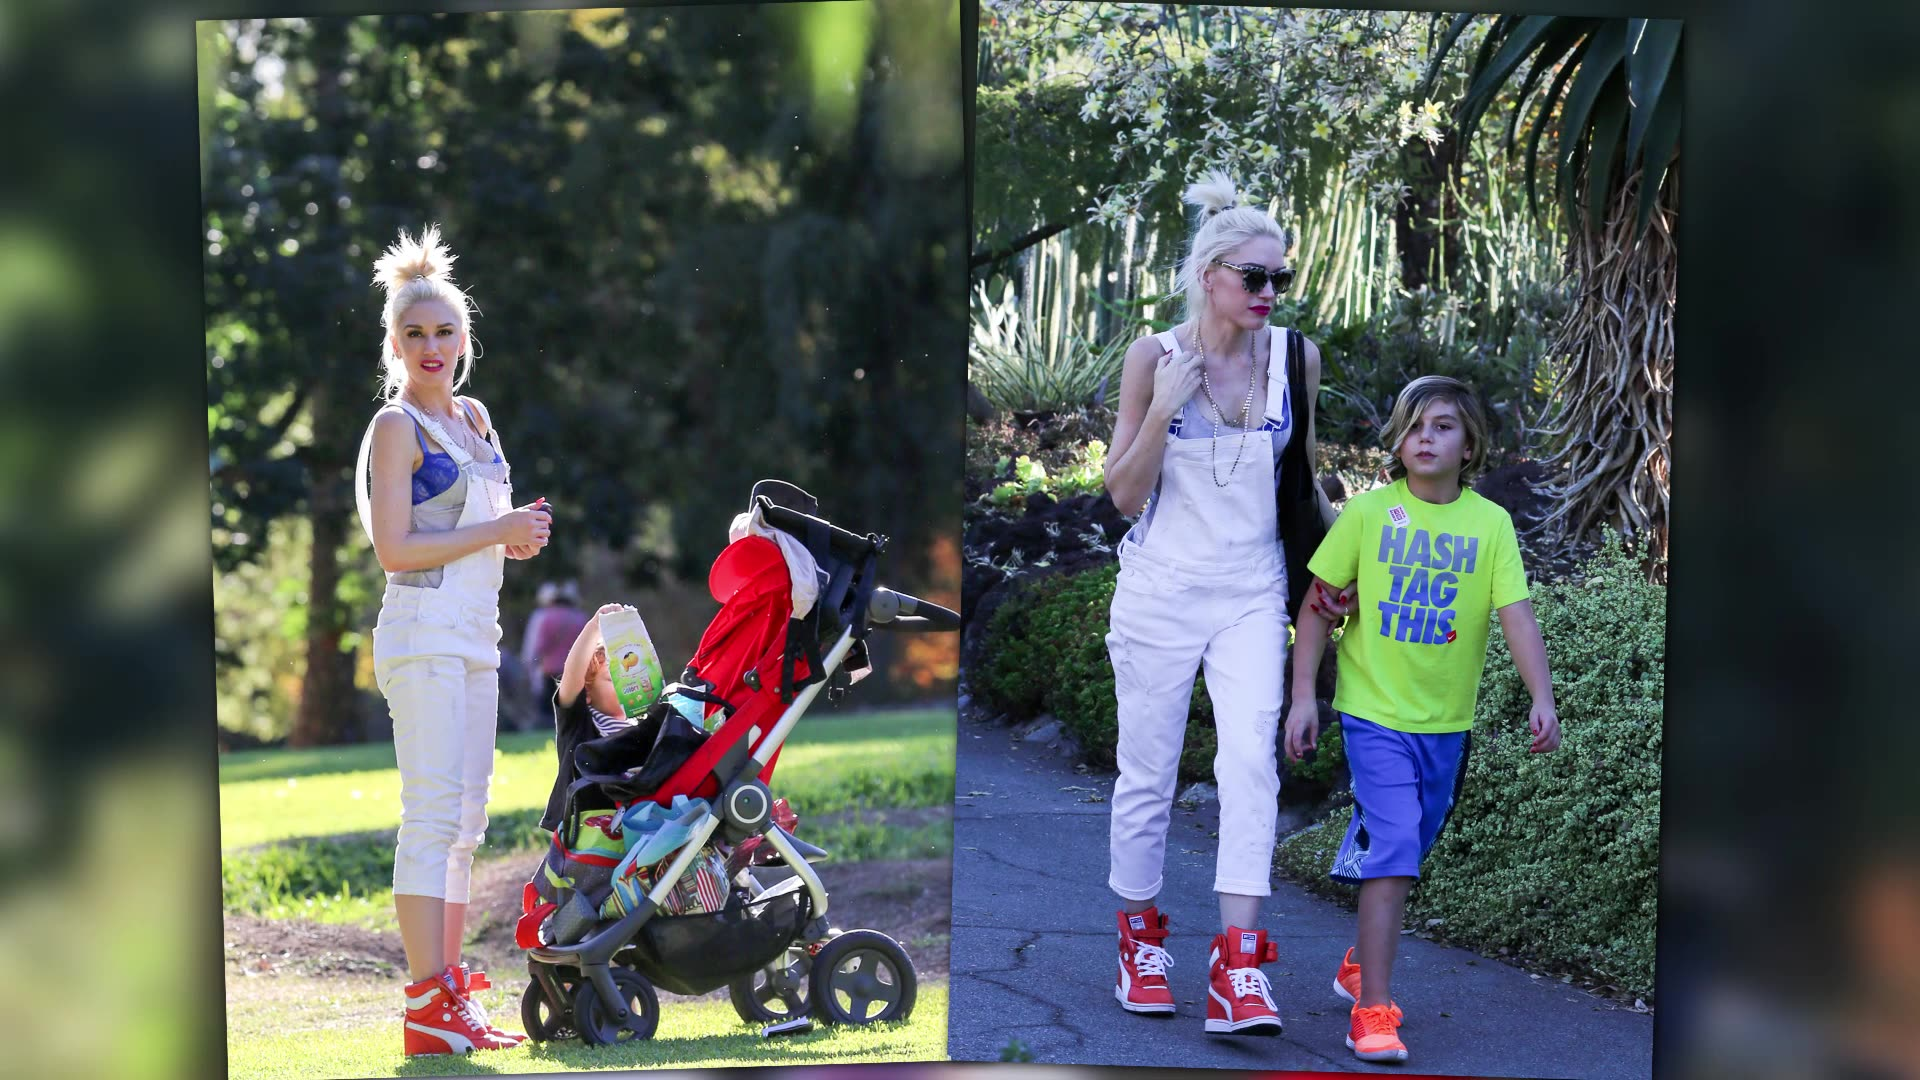 Gwen Stefani and Blake Shelton get some Serious Facetime!